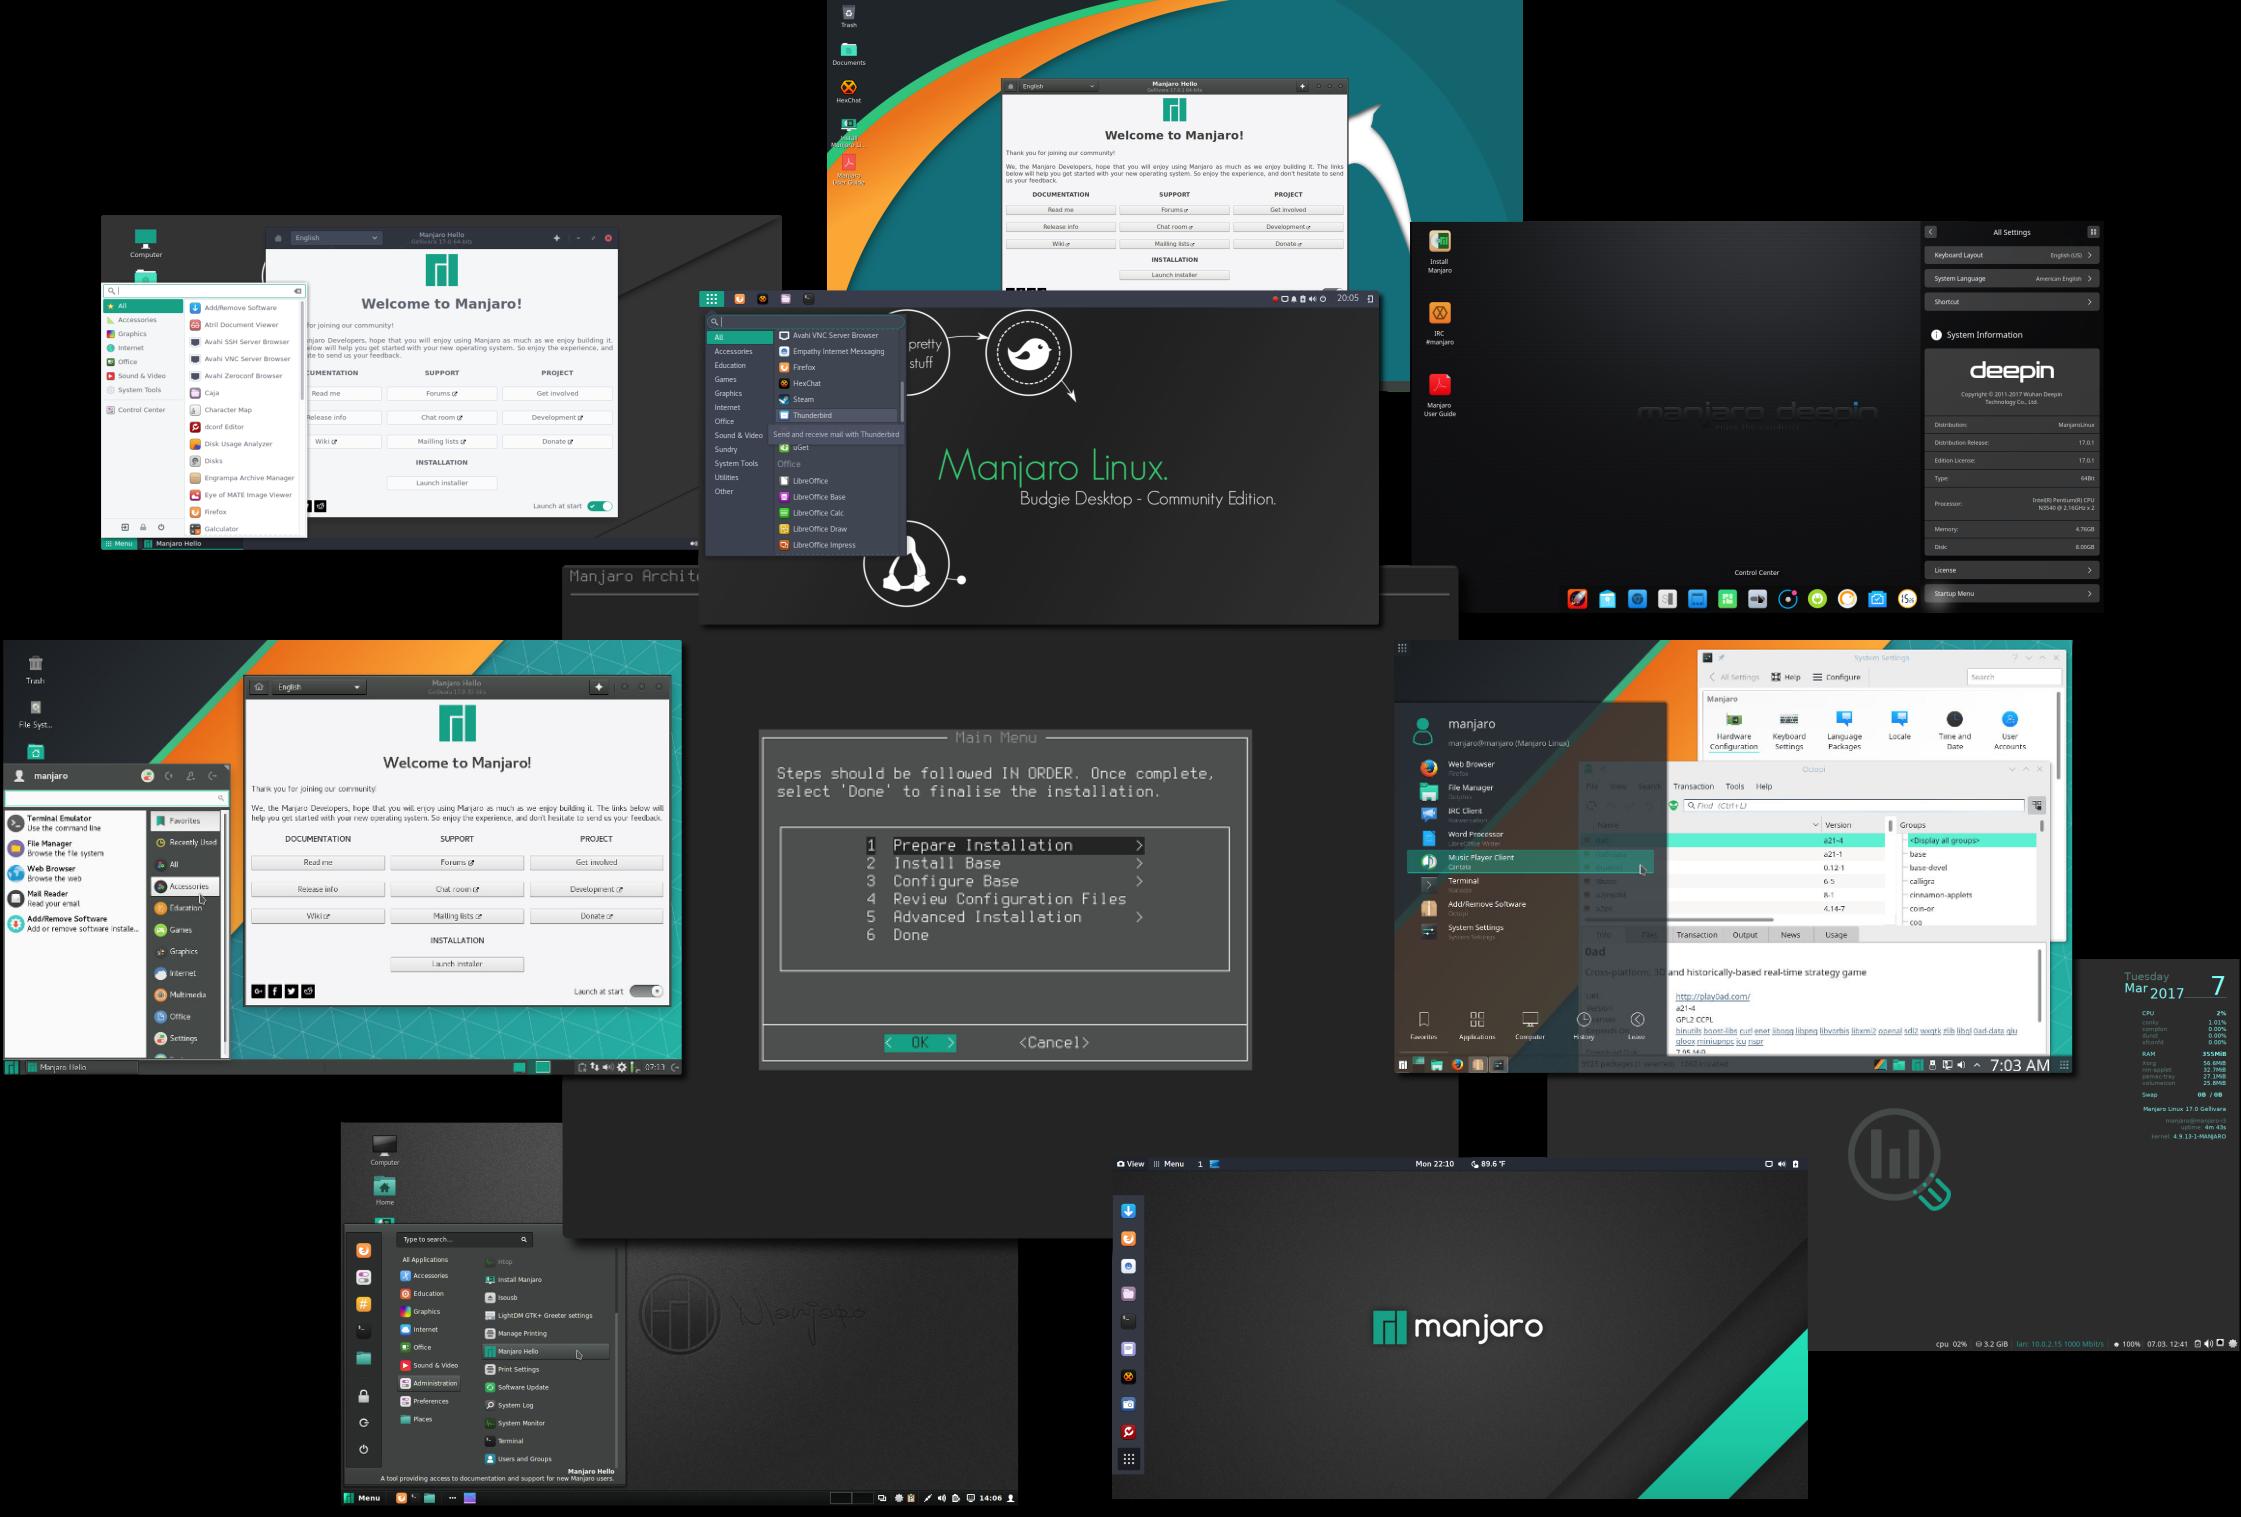 Множество вариантов преднастроенных рабочих столов, доступных к установке в Manjaro Linux